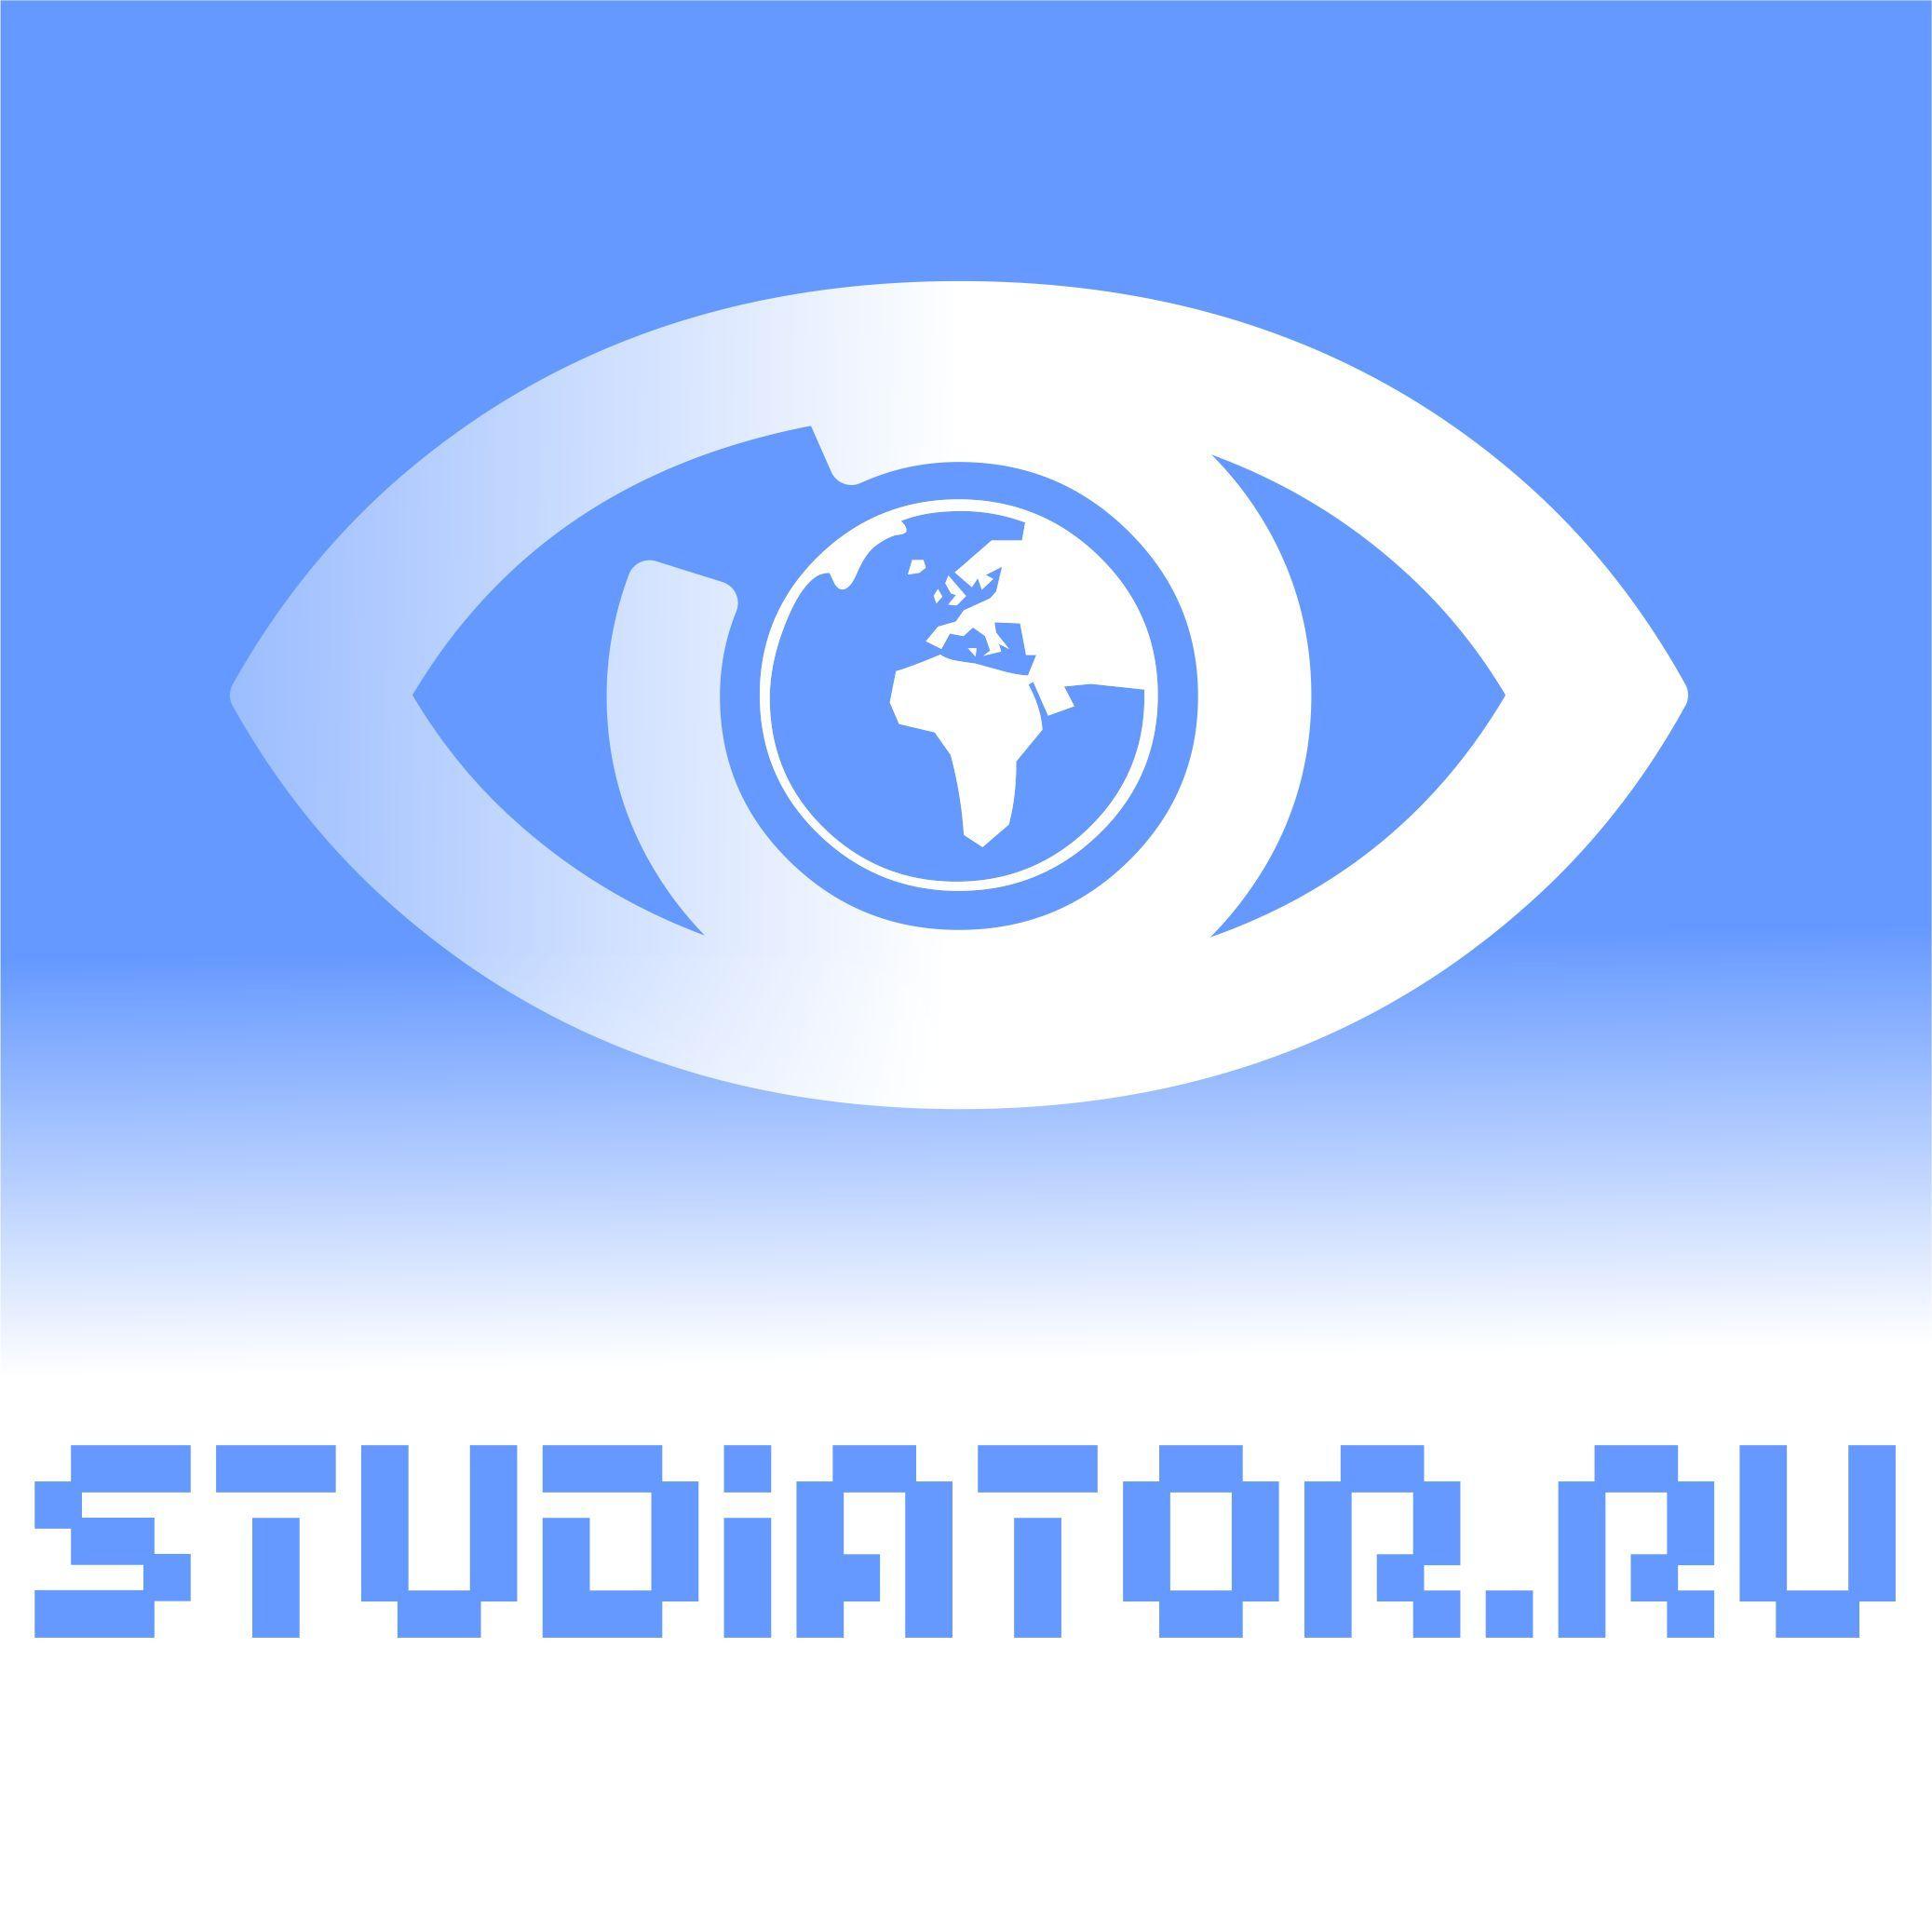 Логотип для каталога студий Веб-дизайна - дизайнер visento